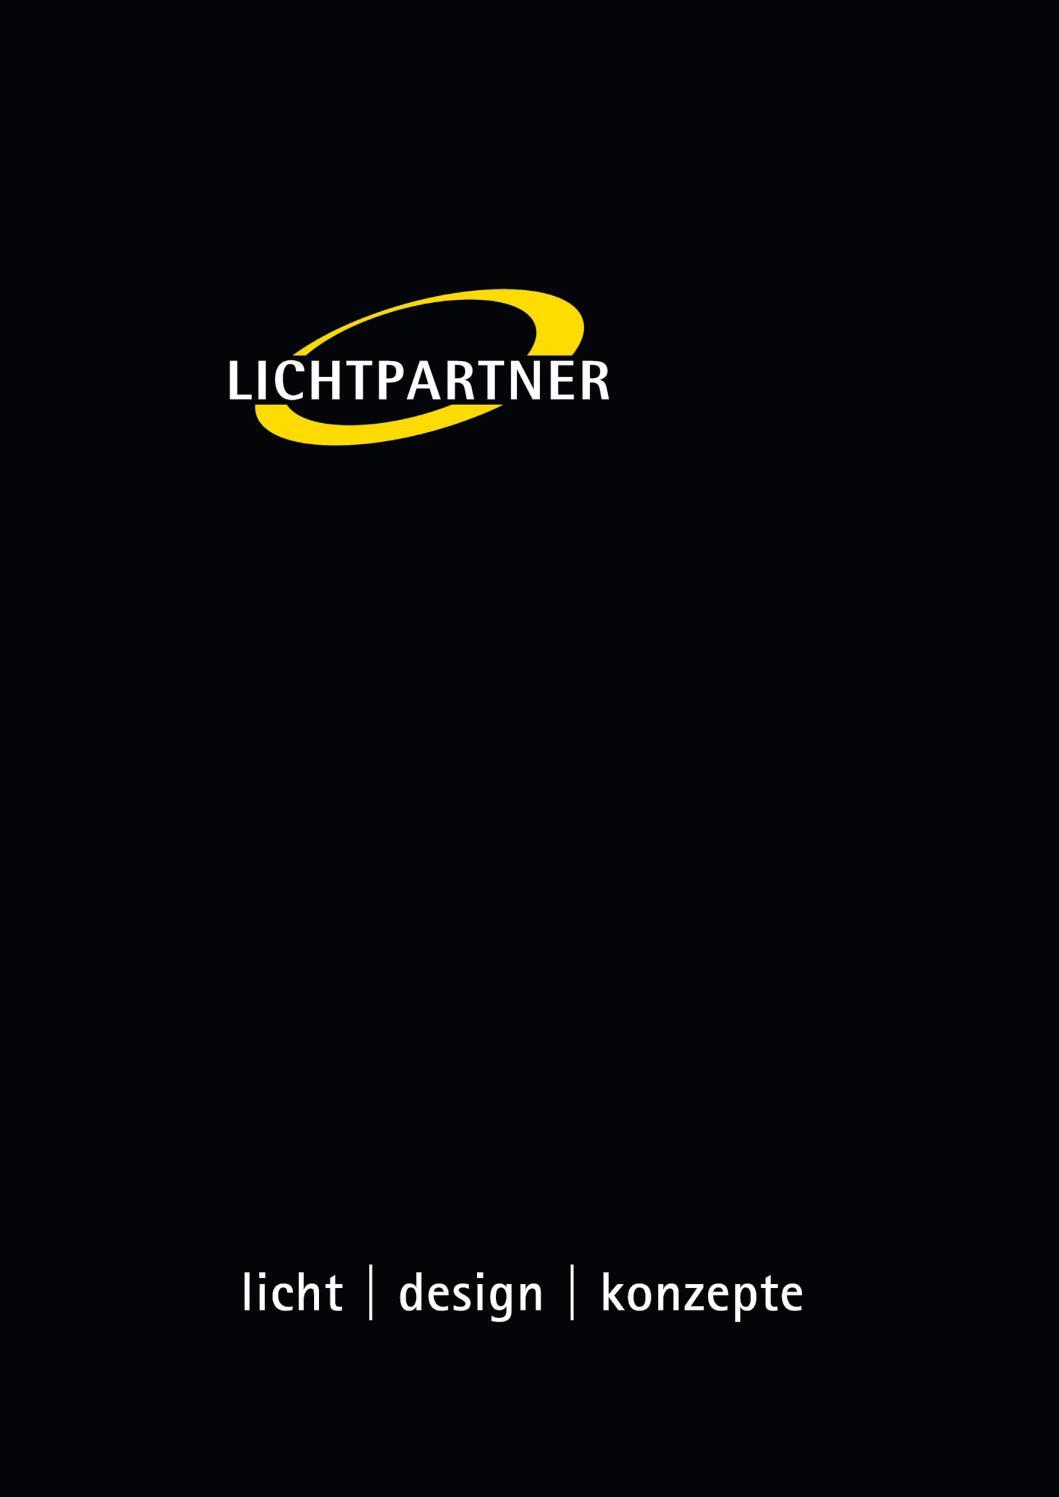 K3 LED-Einbauleuchte kardanisch schwenkbar 3 x 4,6W OSRAM warmweiß 230V DIMMBAR